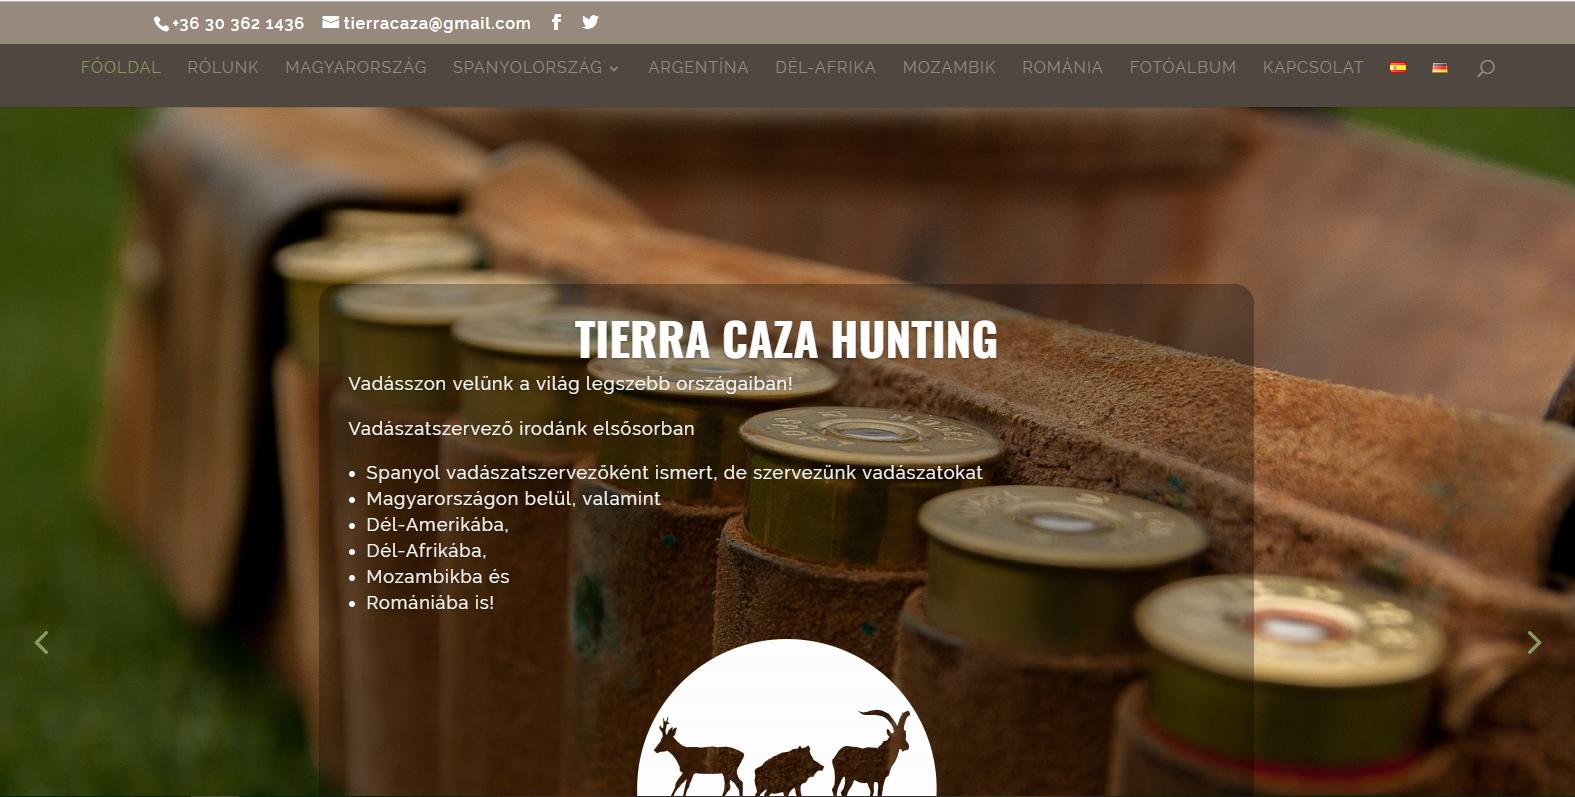 b33440d8b0e5 Tierra Caza Hunting - Vadásszon velünk a világ legszebb országaiban!